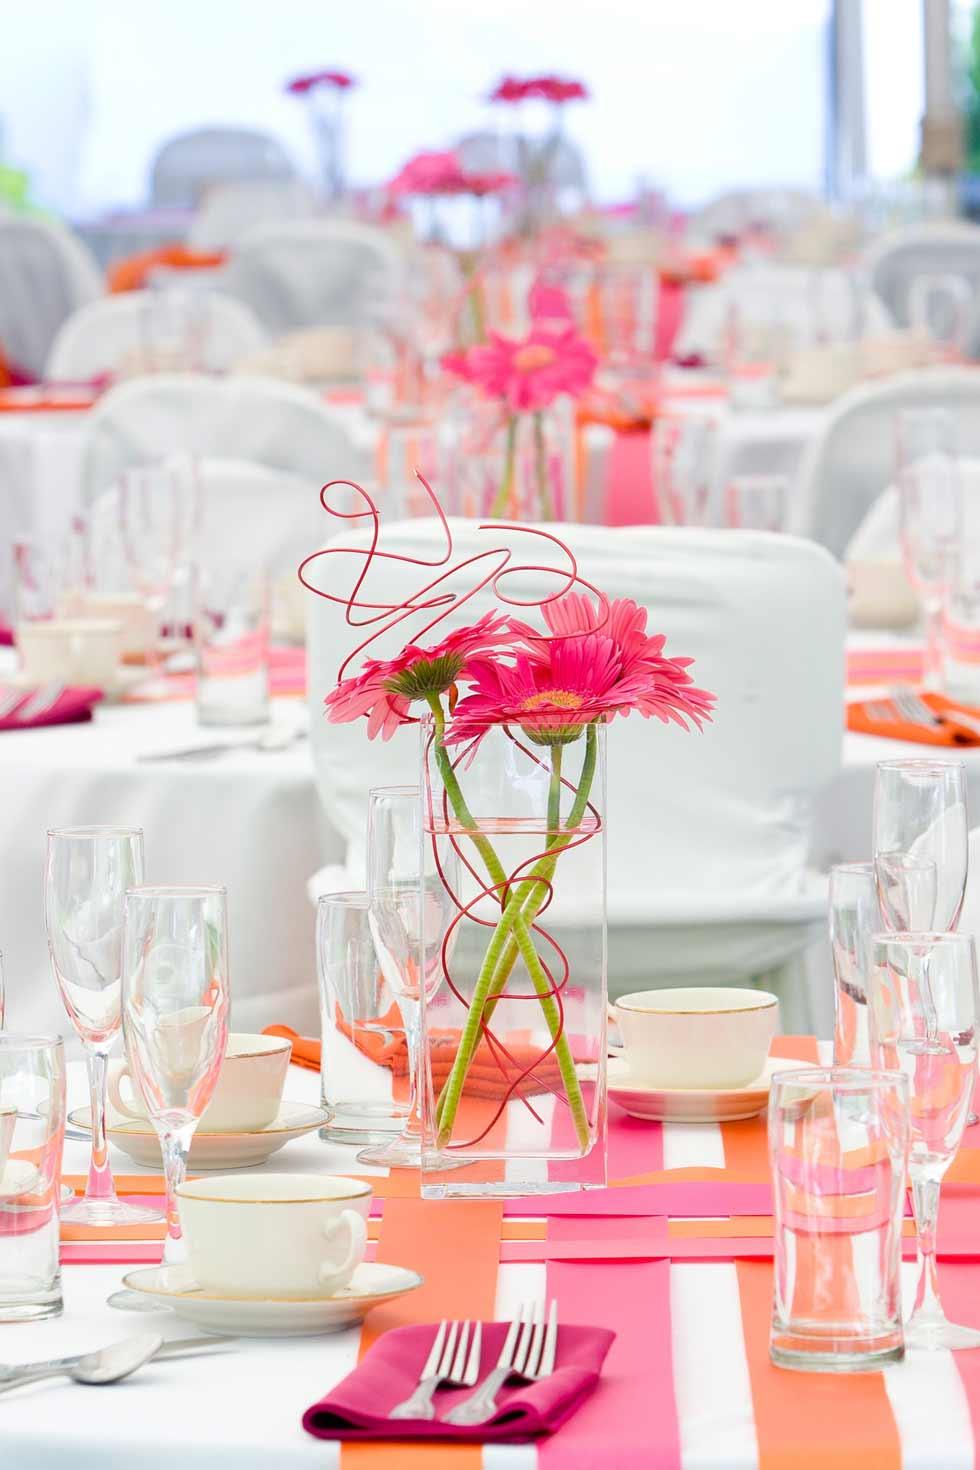 40127161---Wedding-Tables-©-Eric-Limon---Fotolia